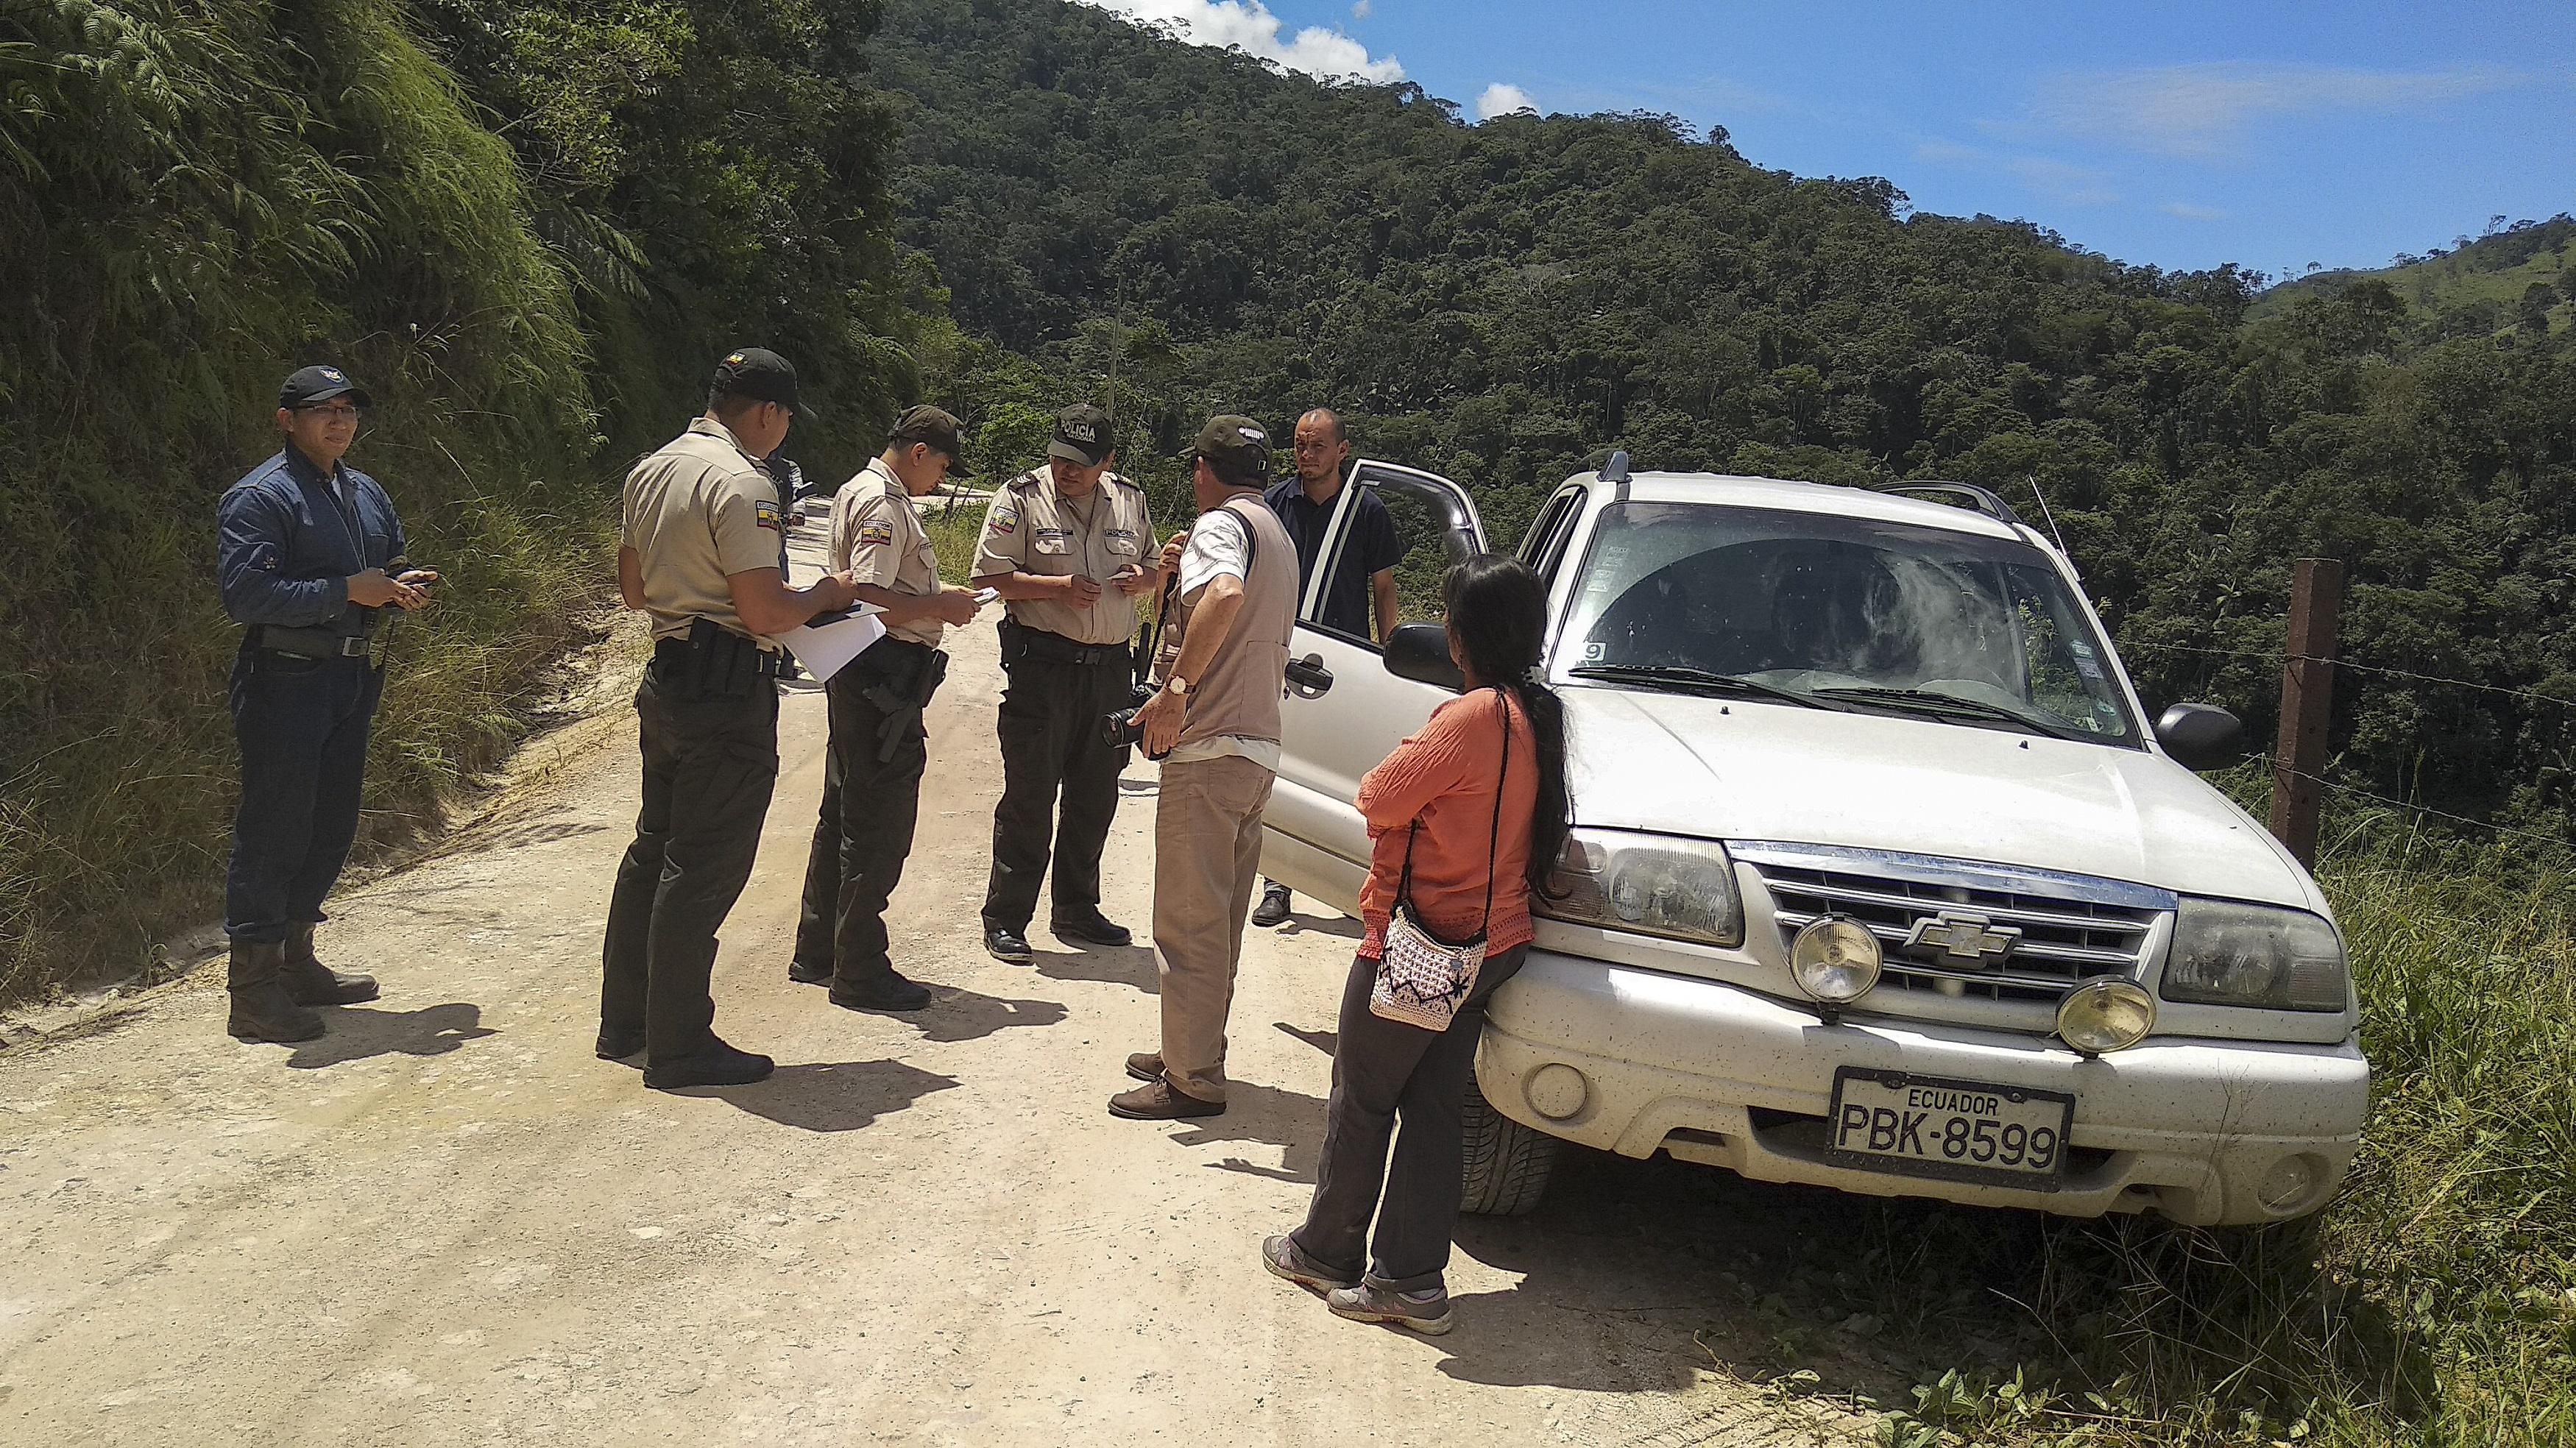 Policía impide el paso de periodistas de Vistazo y Mongabay Latam al proyecto San Carlos Panantza. Foto: Segundo Espín / Revista Vistazo.